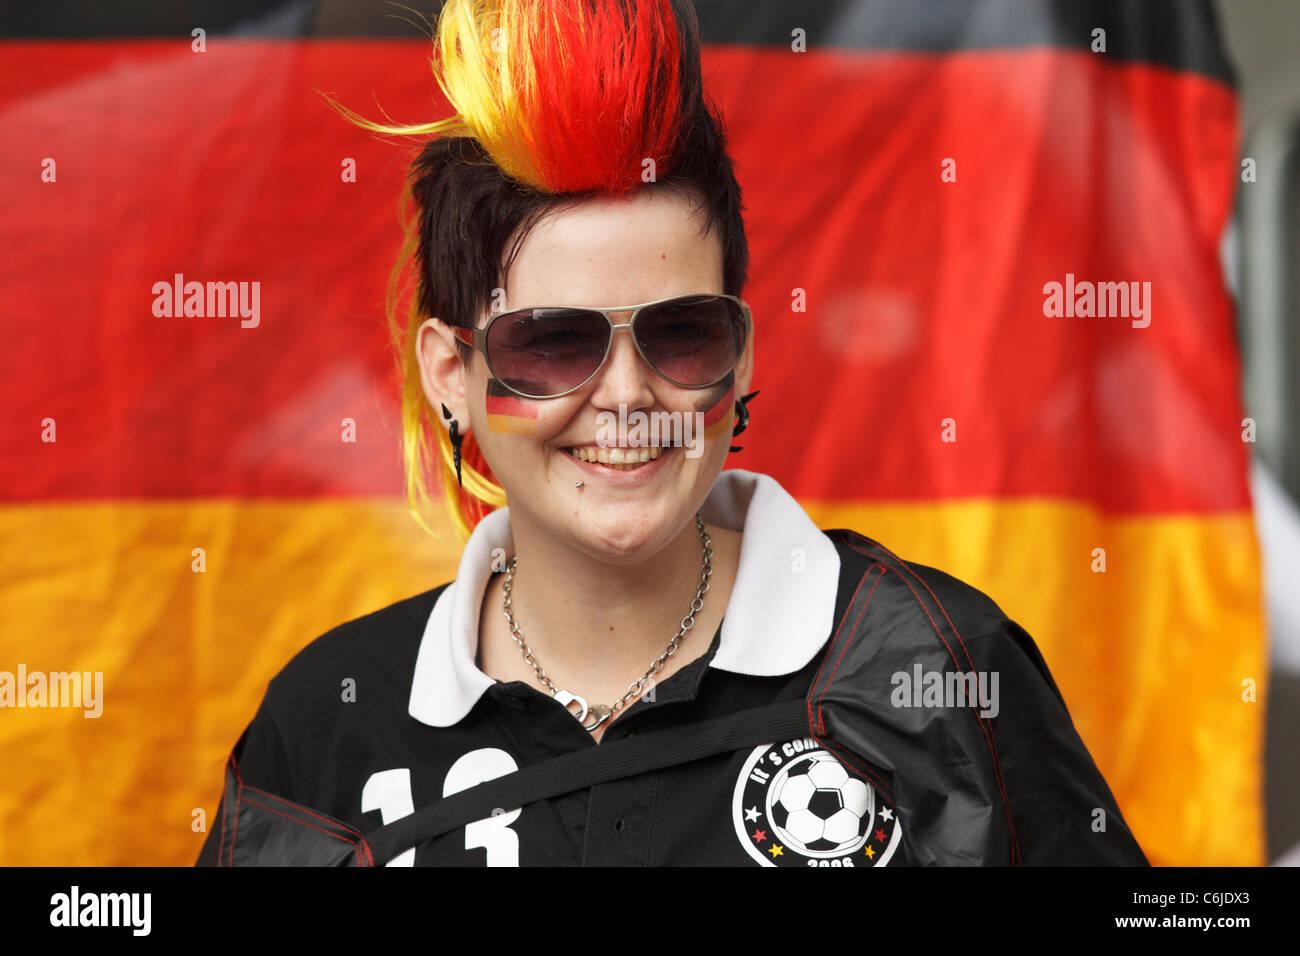 Un partisan de l'Allemagne sourit avant le match d'ouverture de la Coupe du Monde féminine Coupe du Photo Stock